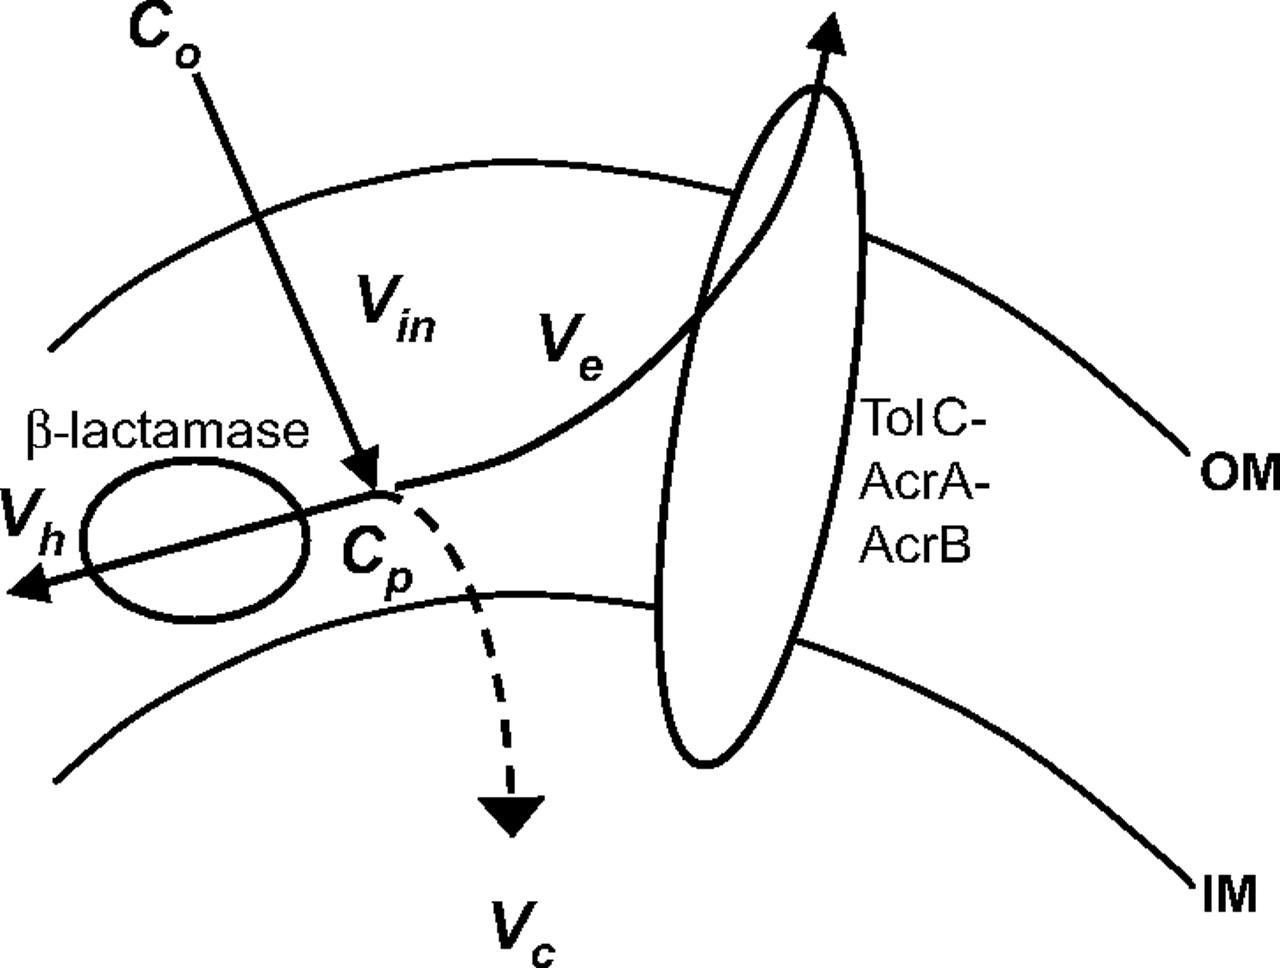 1280x968 Kinetic Behavior The Major Multidrug Efflux Pump Acrb